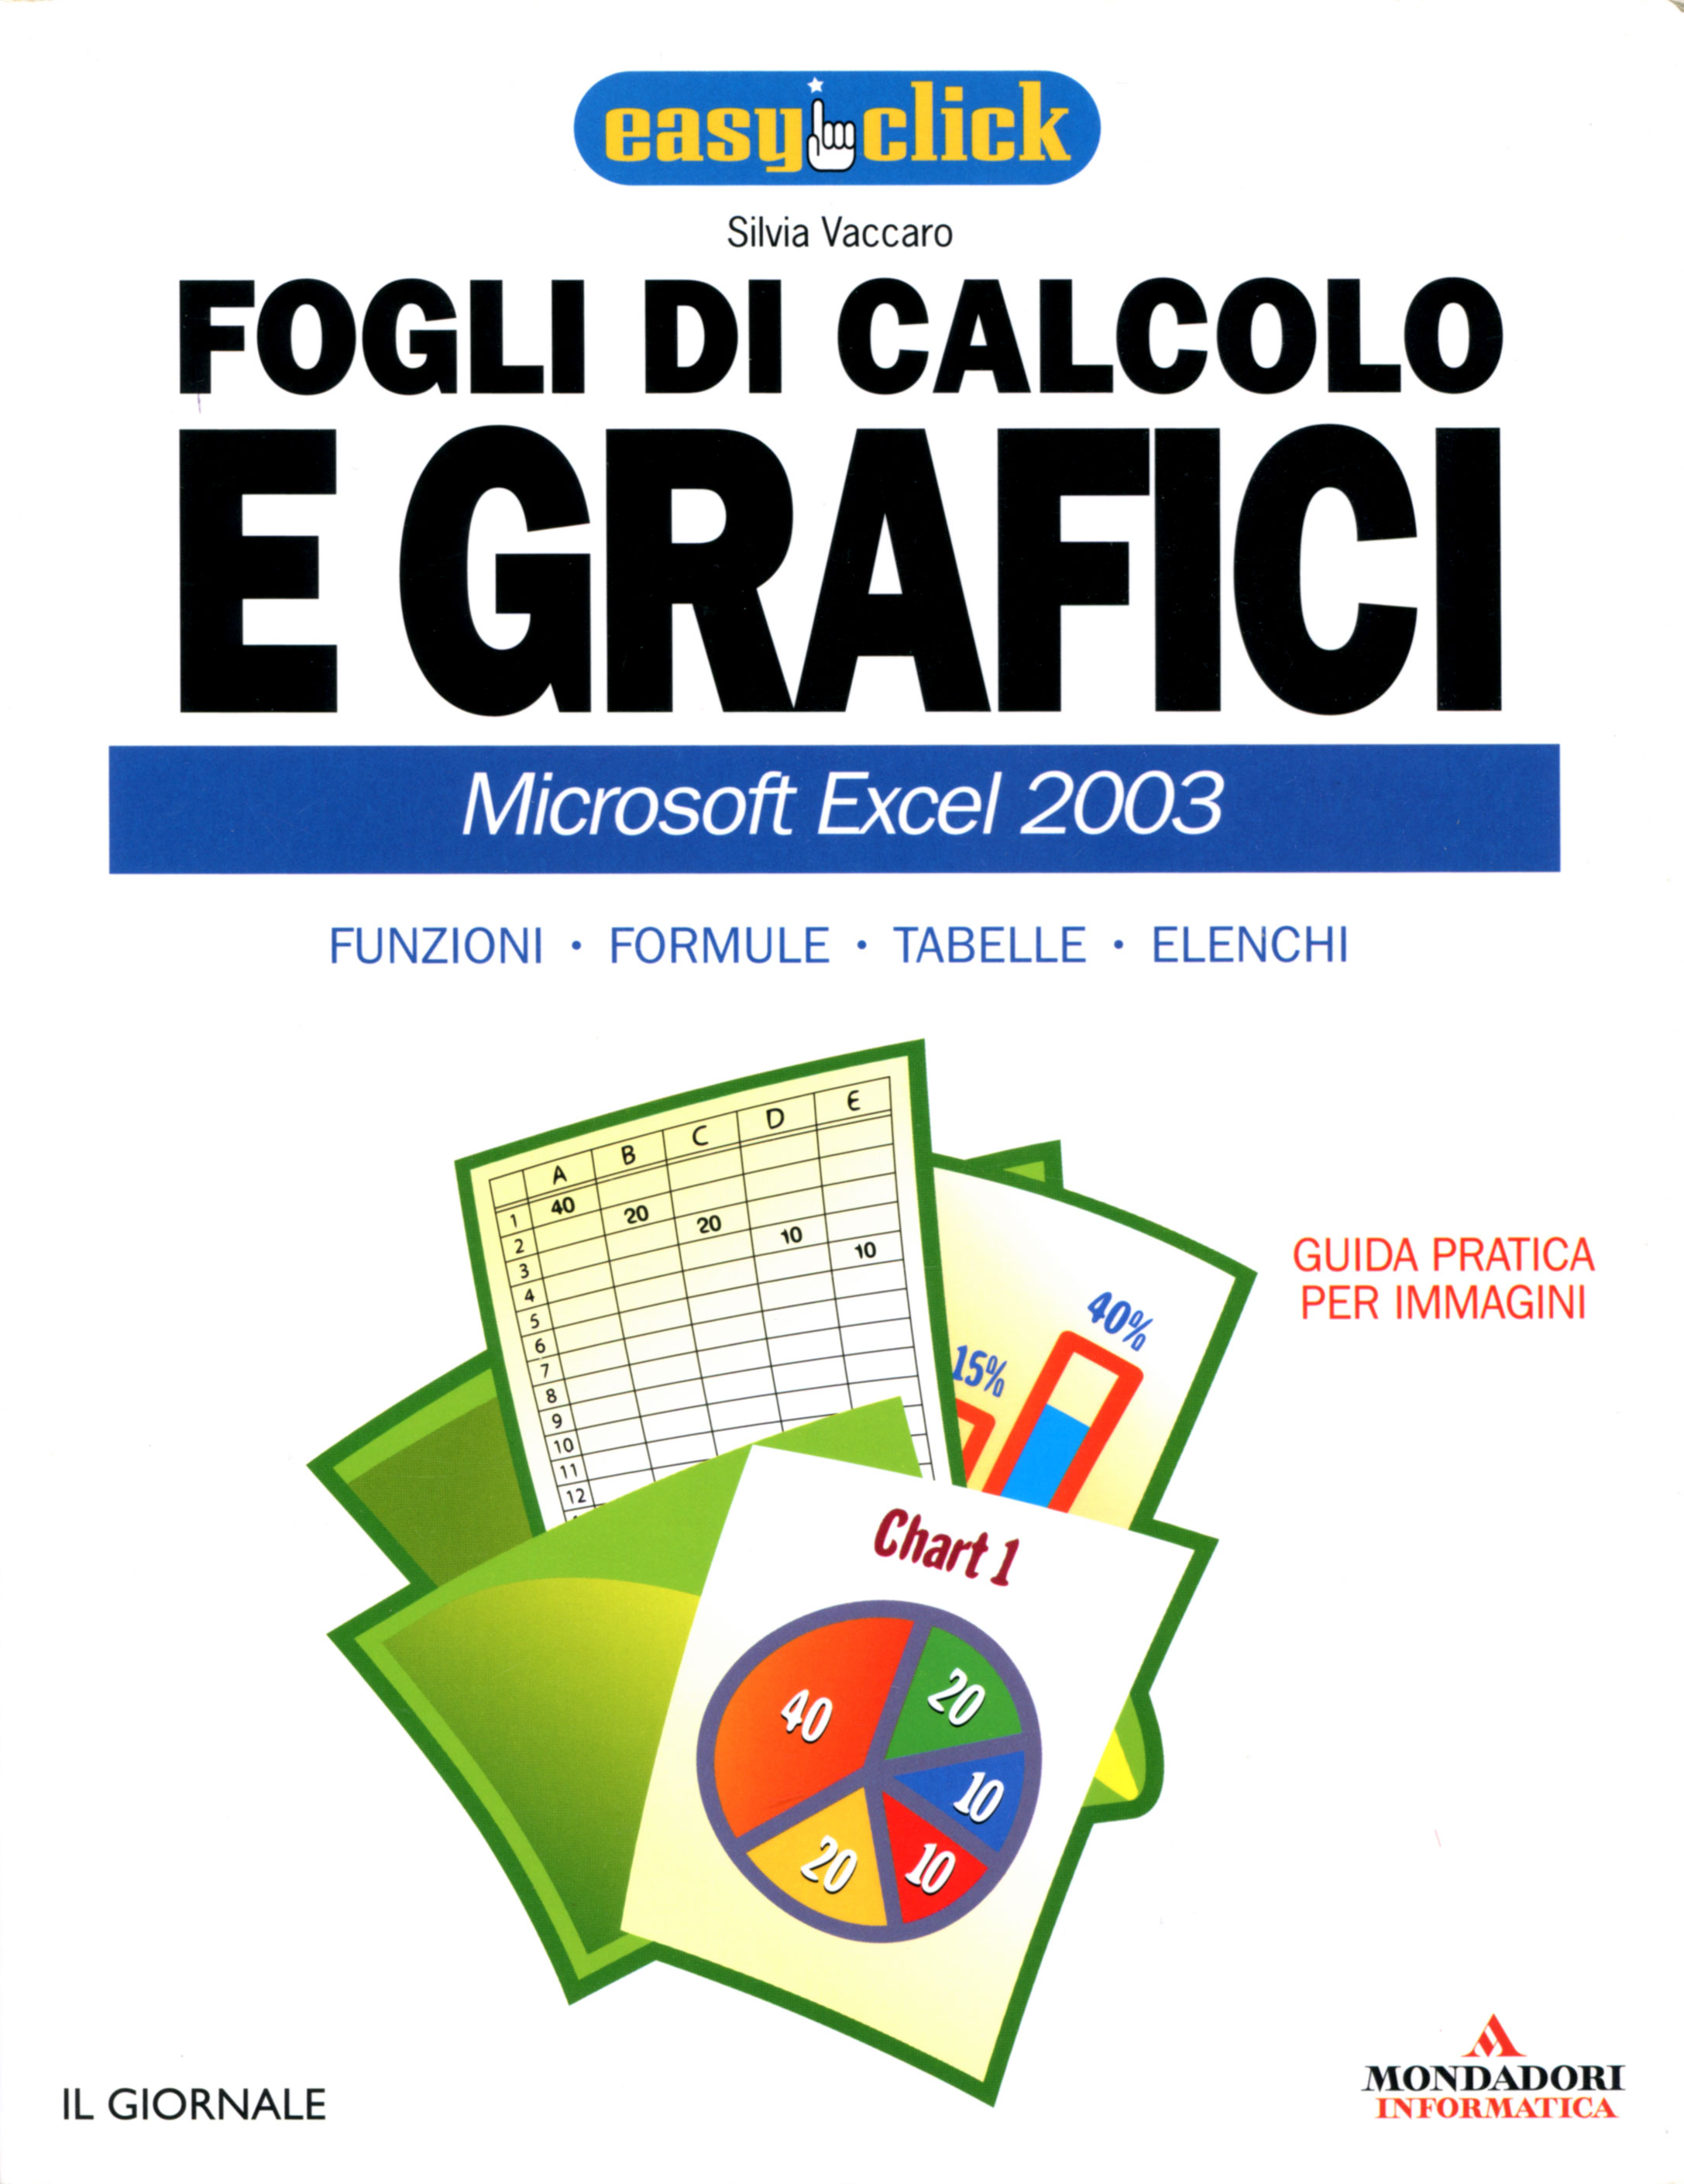 Fogli di calcoli e grafici